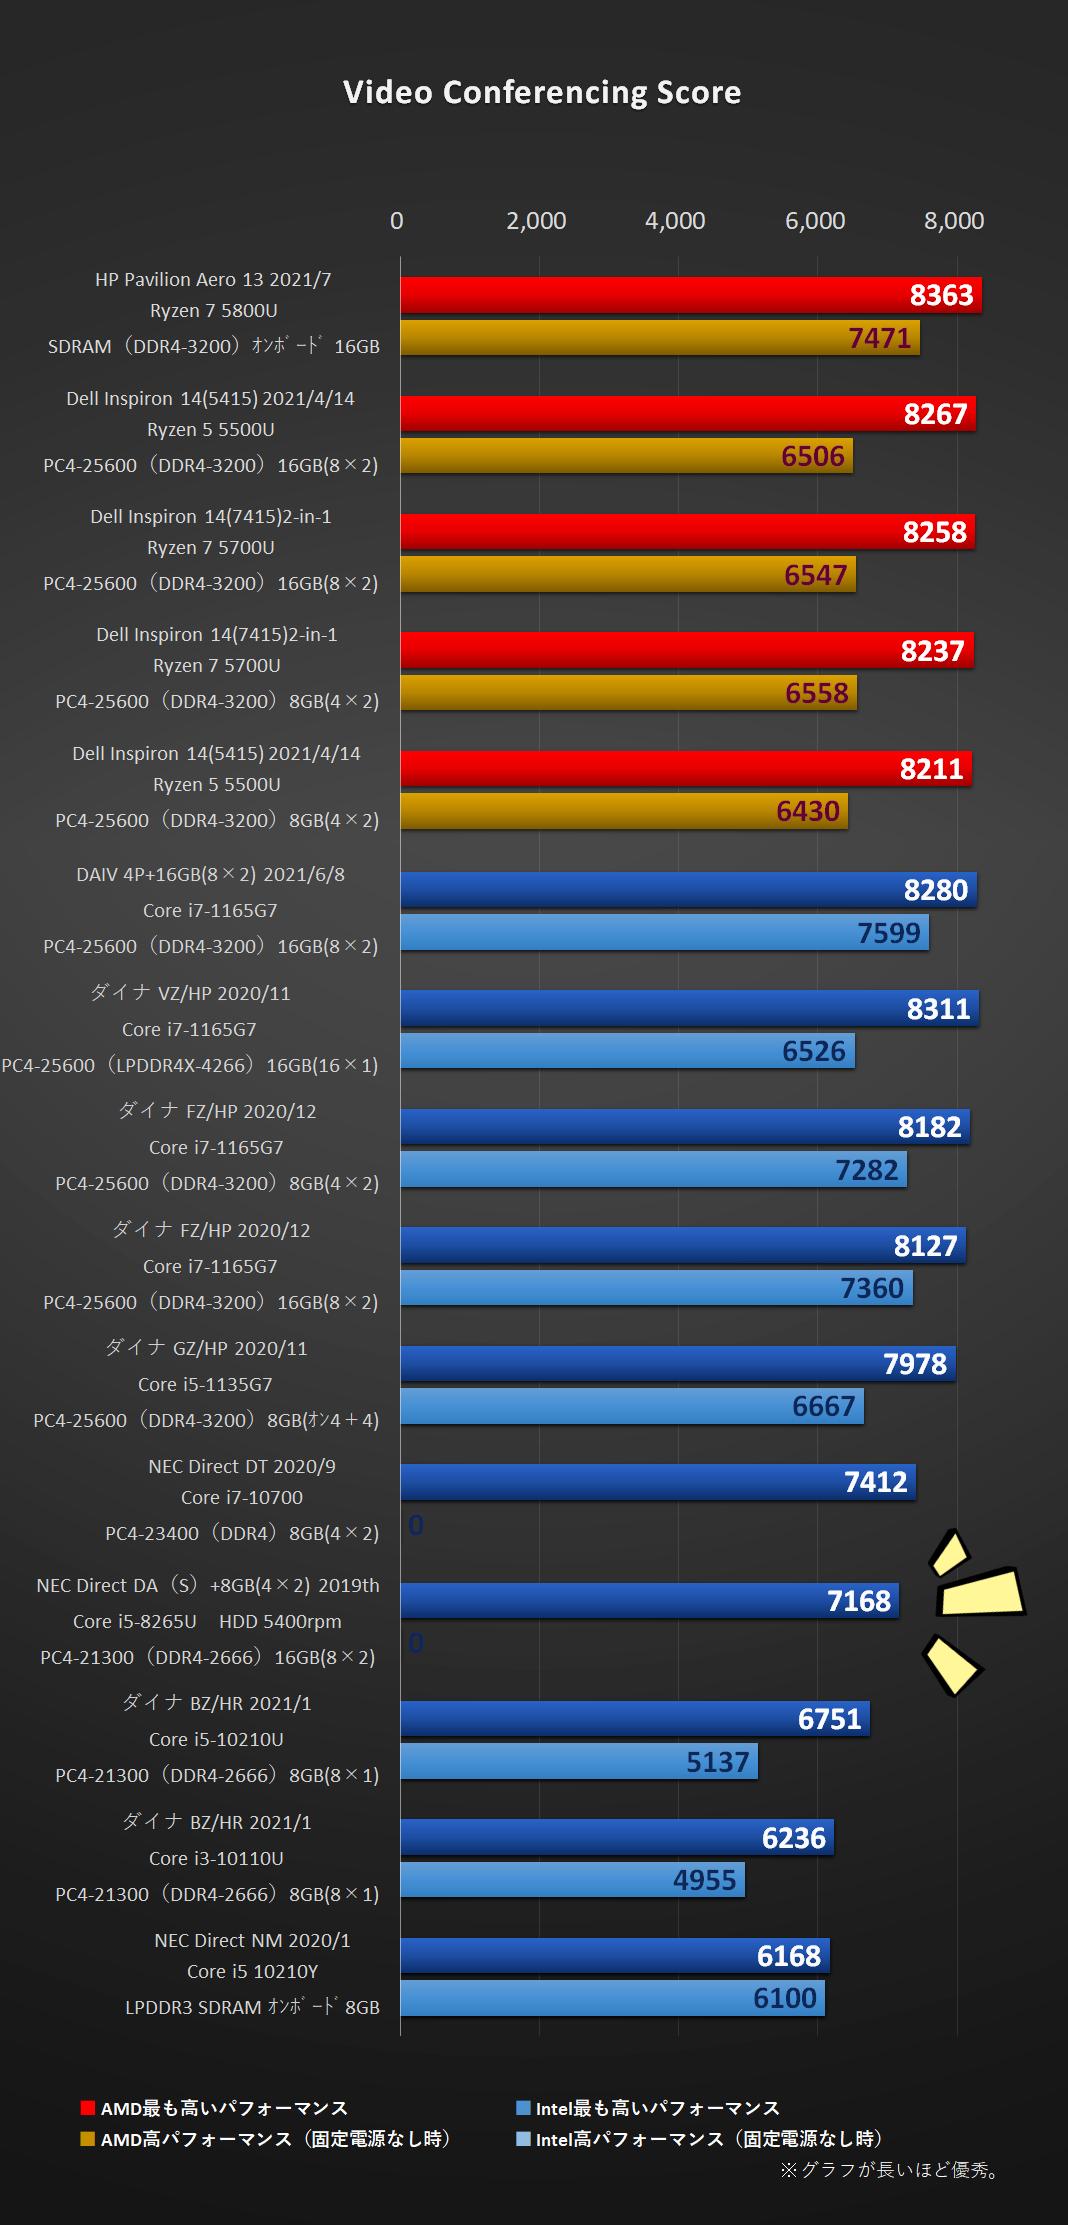 「LAVIE Direct DA(S)」2019年モデル i5-8265U搭載機のVideo Conferencing Score